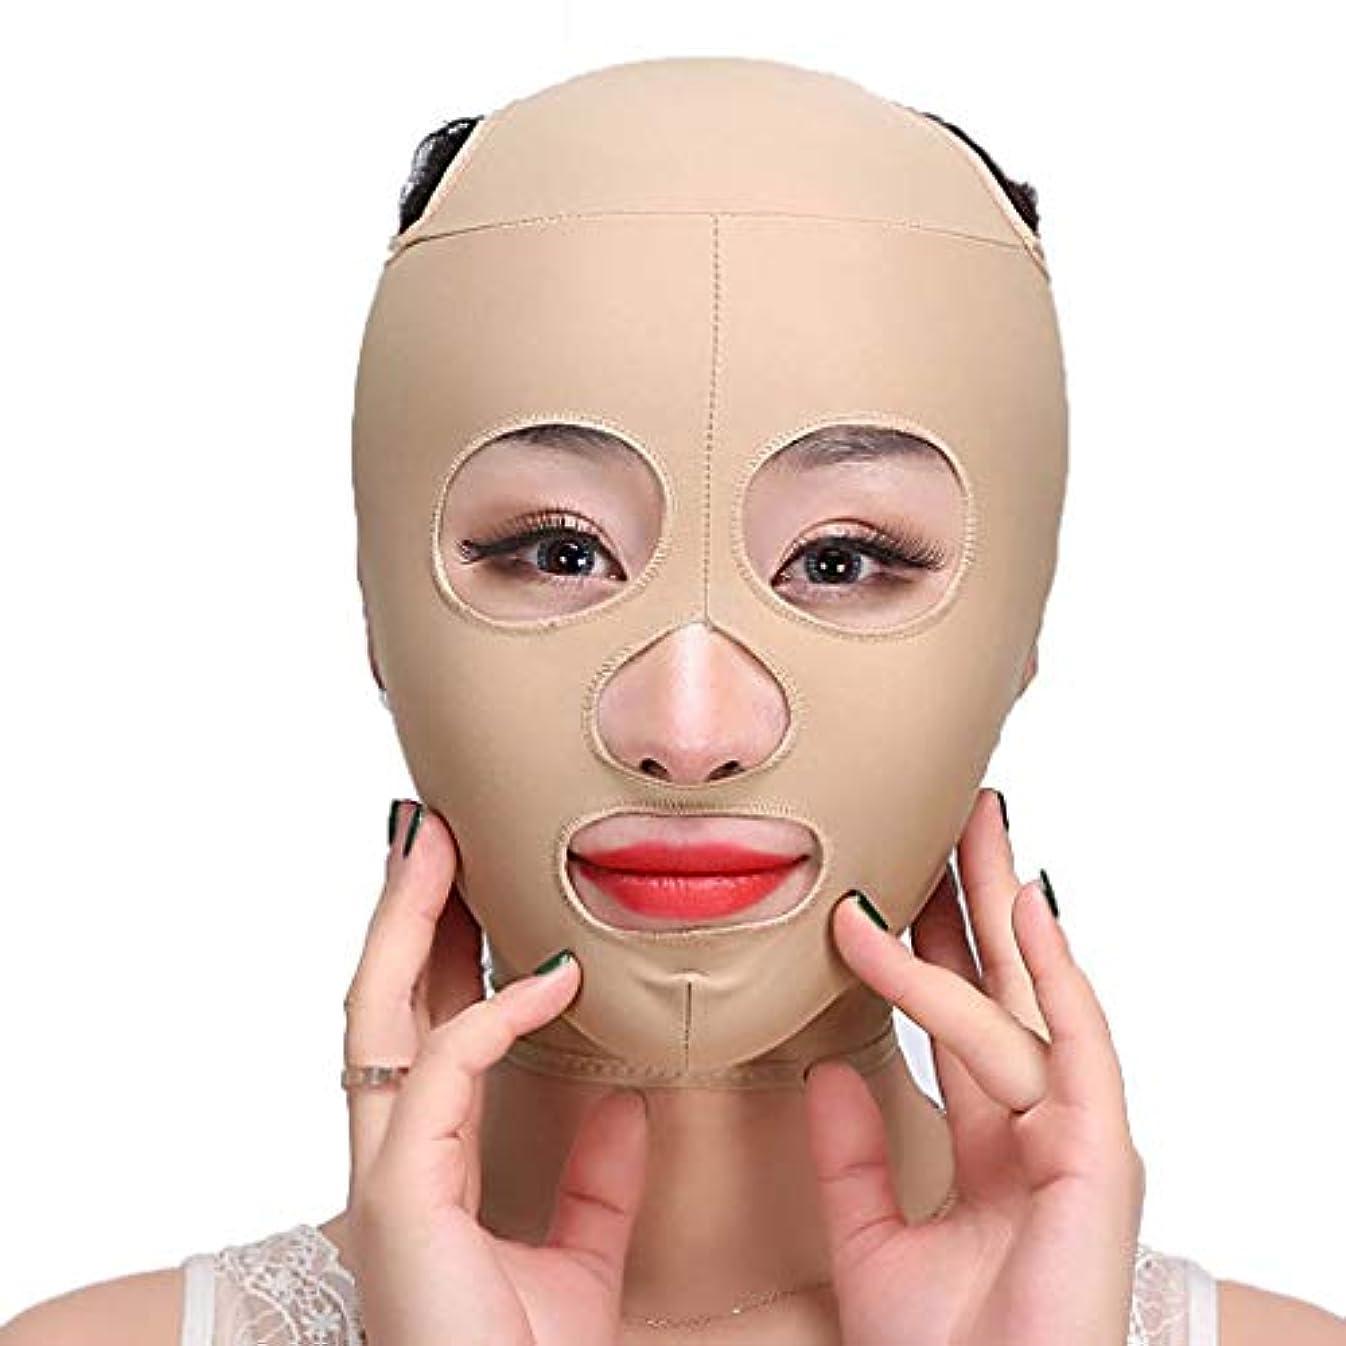 穿孔する政府文字LJK 痩身ベルト、フェイスマスク薄いフェイス楽器リフティング引き締めVフェイス男性と女性フェイスリフティングステッカーダブルチンフェイスリフティングフェイスマスク包帯フェイシャルマッサージ (Size : L)